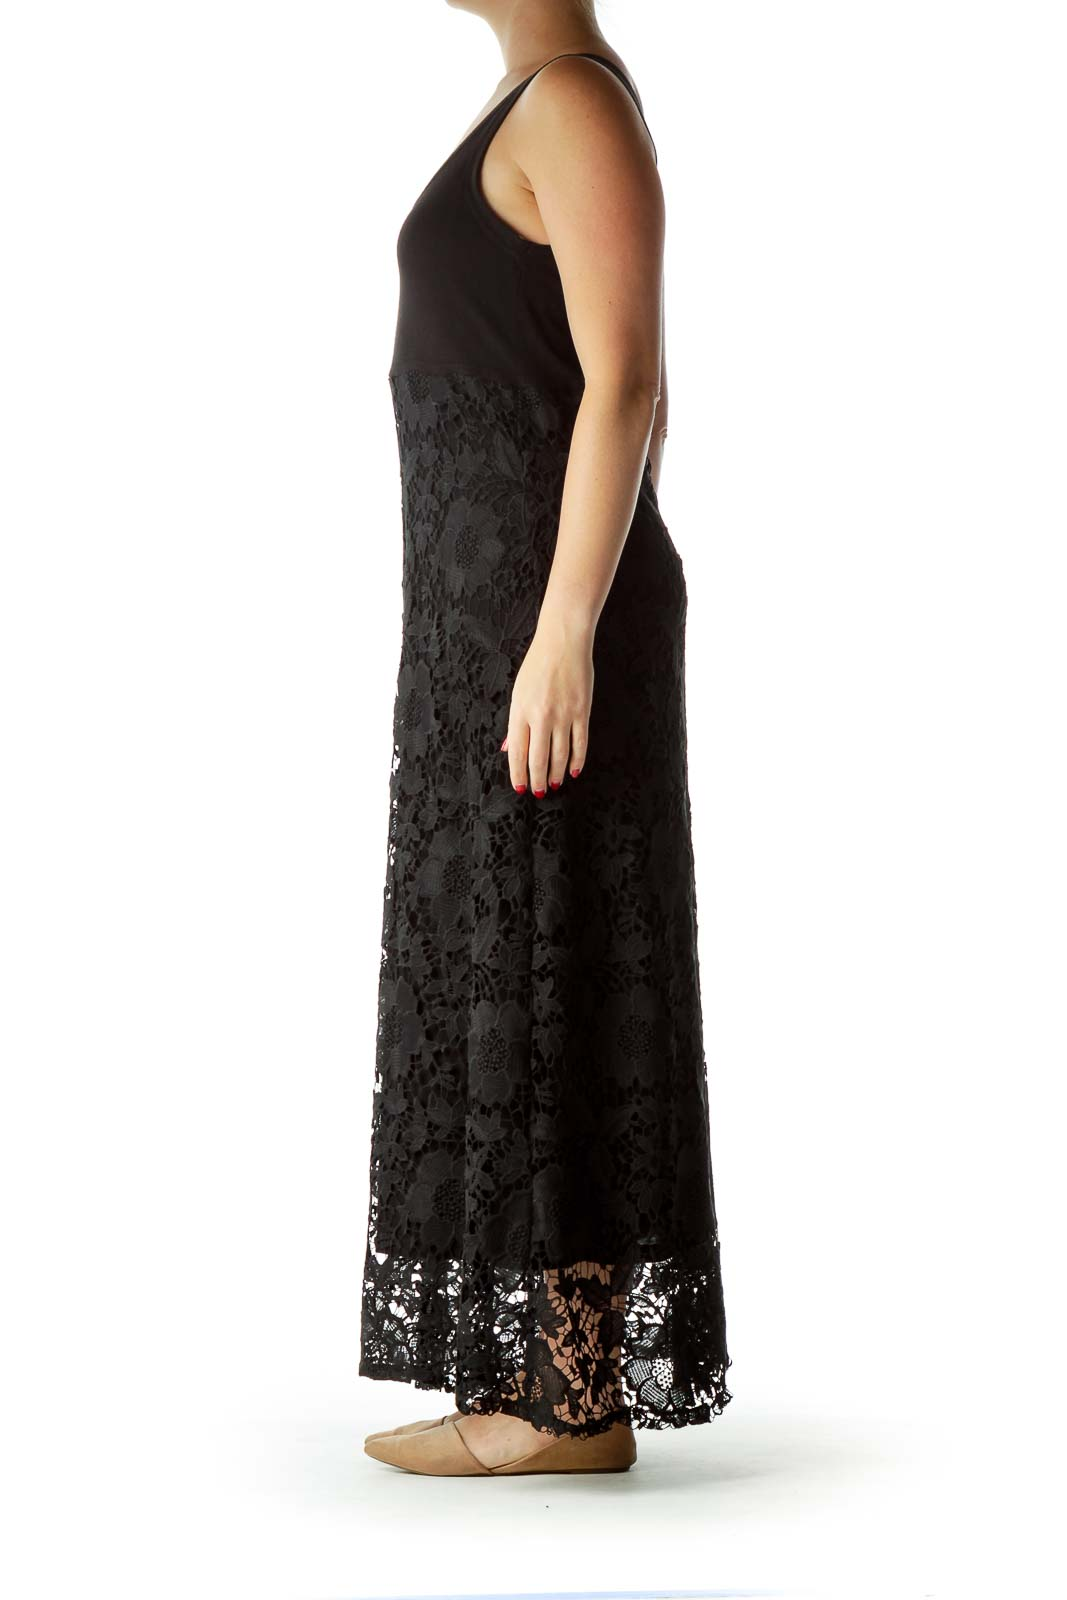 70579b0596 Shop Black Lace Maxi Dress clothing and handbags at SilkRoll. Trade ...